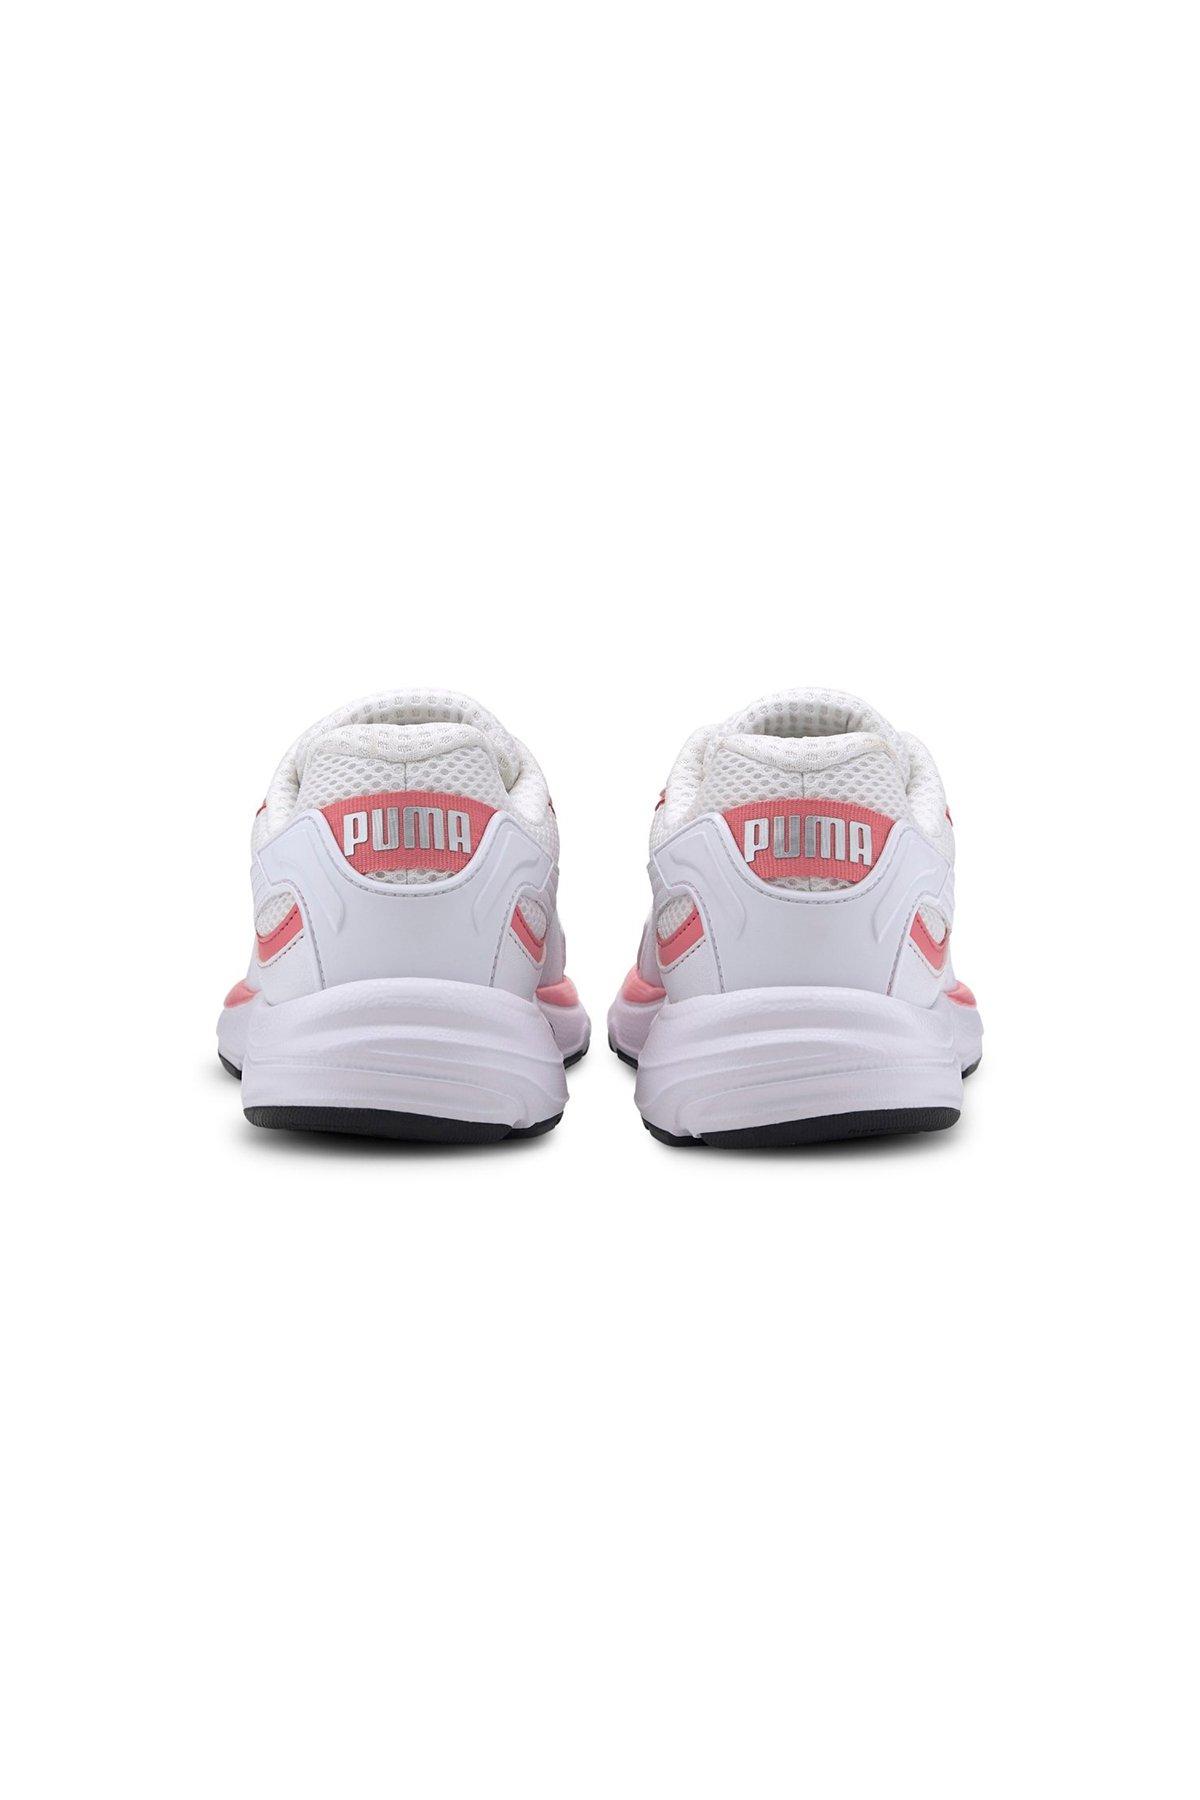 Puma Kadın Axis Plus 90s Ayakkabı